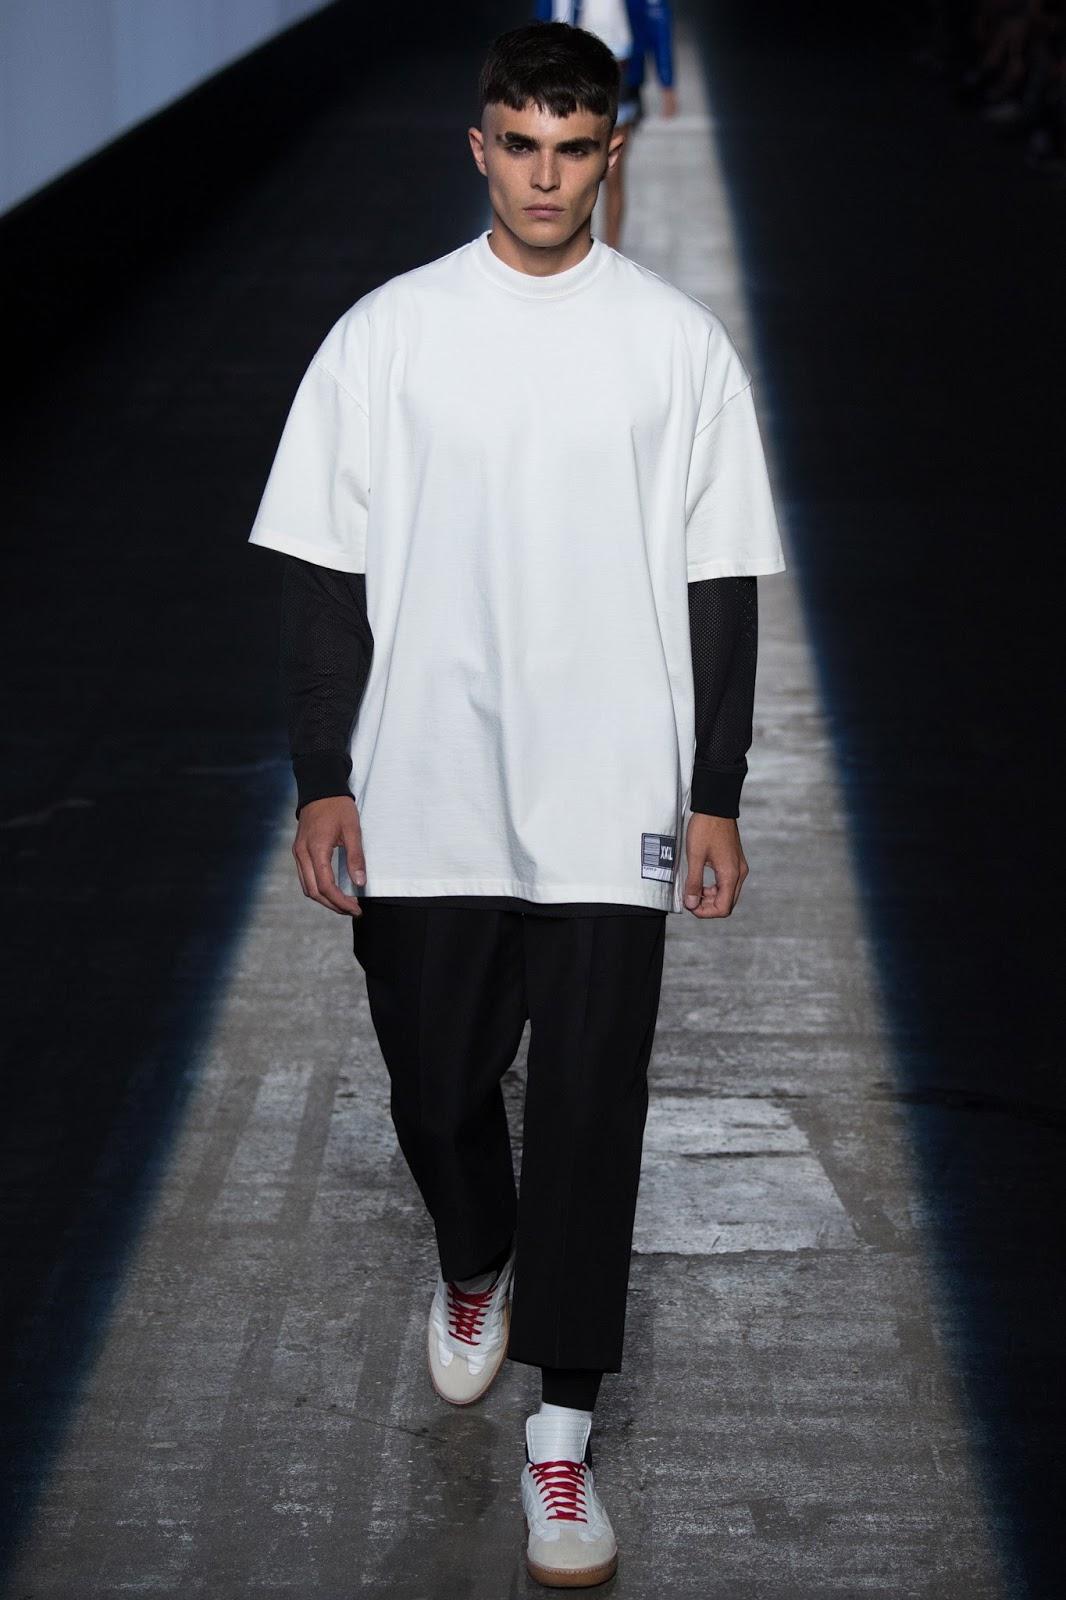 NYFW new york fashion week menswear